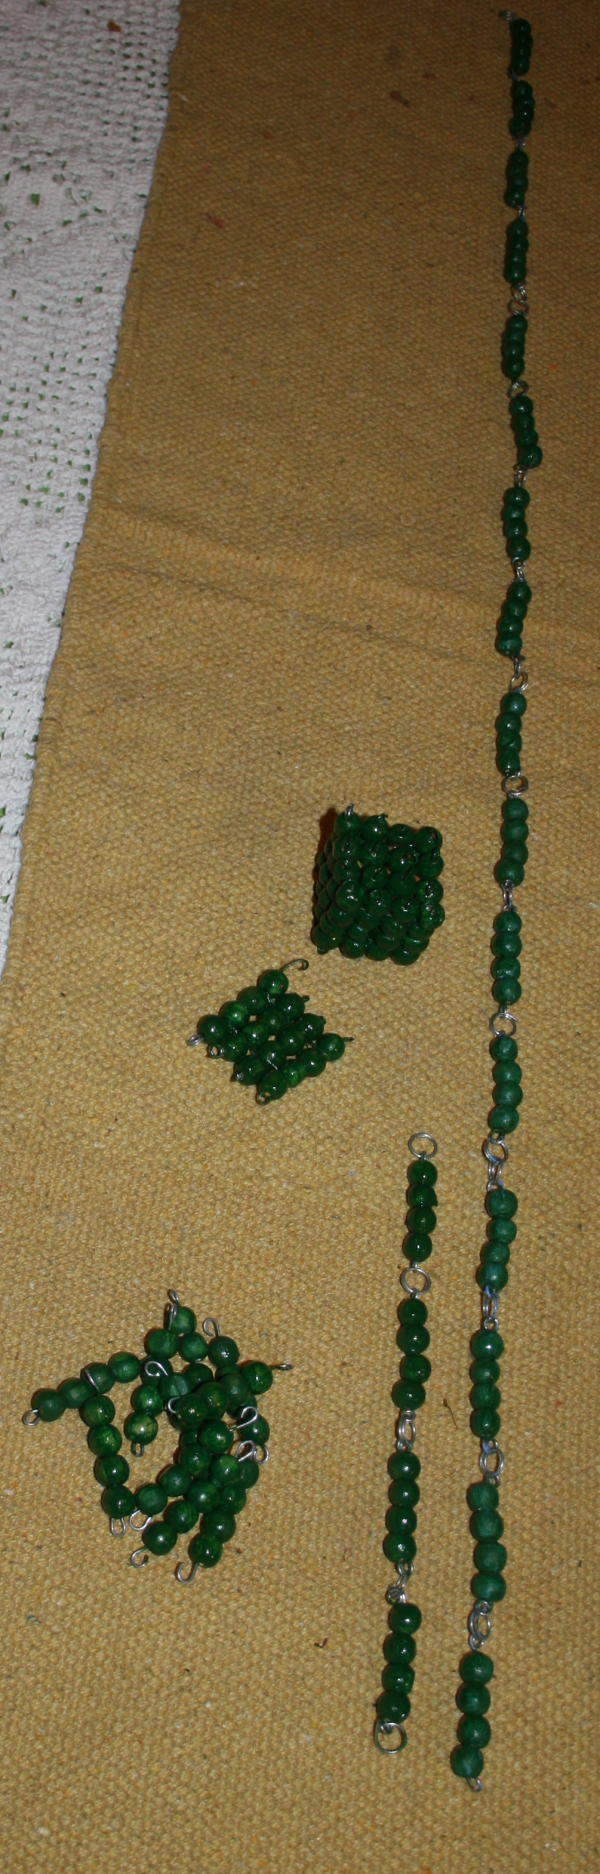 Costruire il materiale delle perle colorate Montessori perle-colorate-Montessori-14